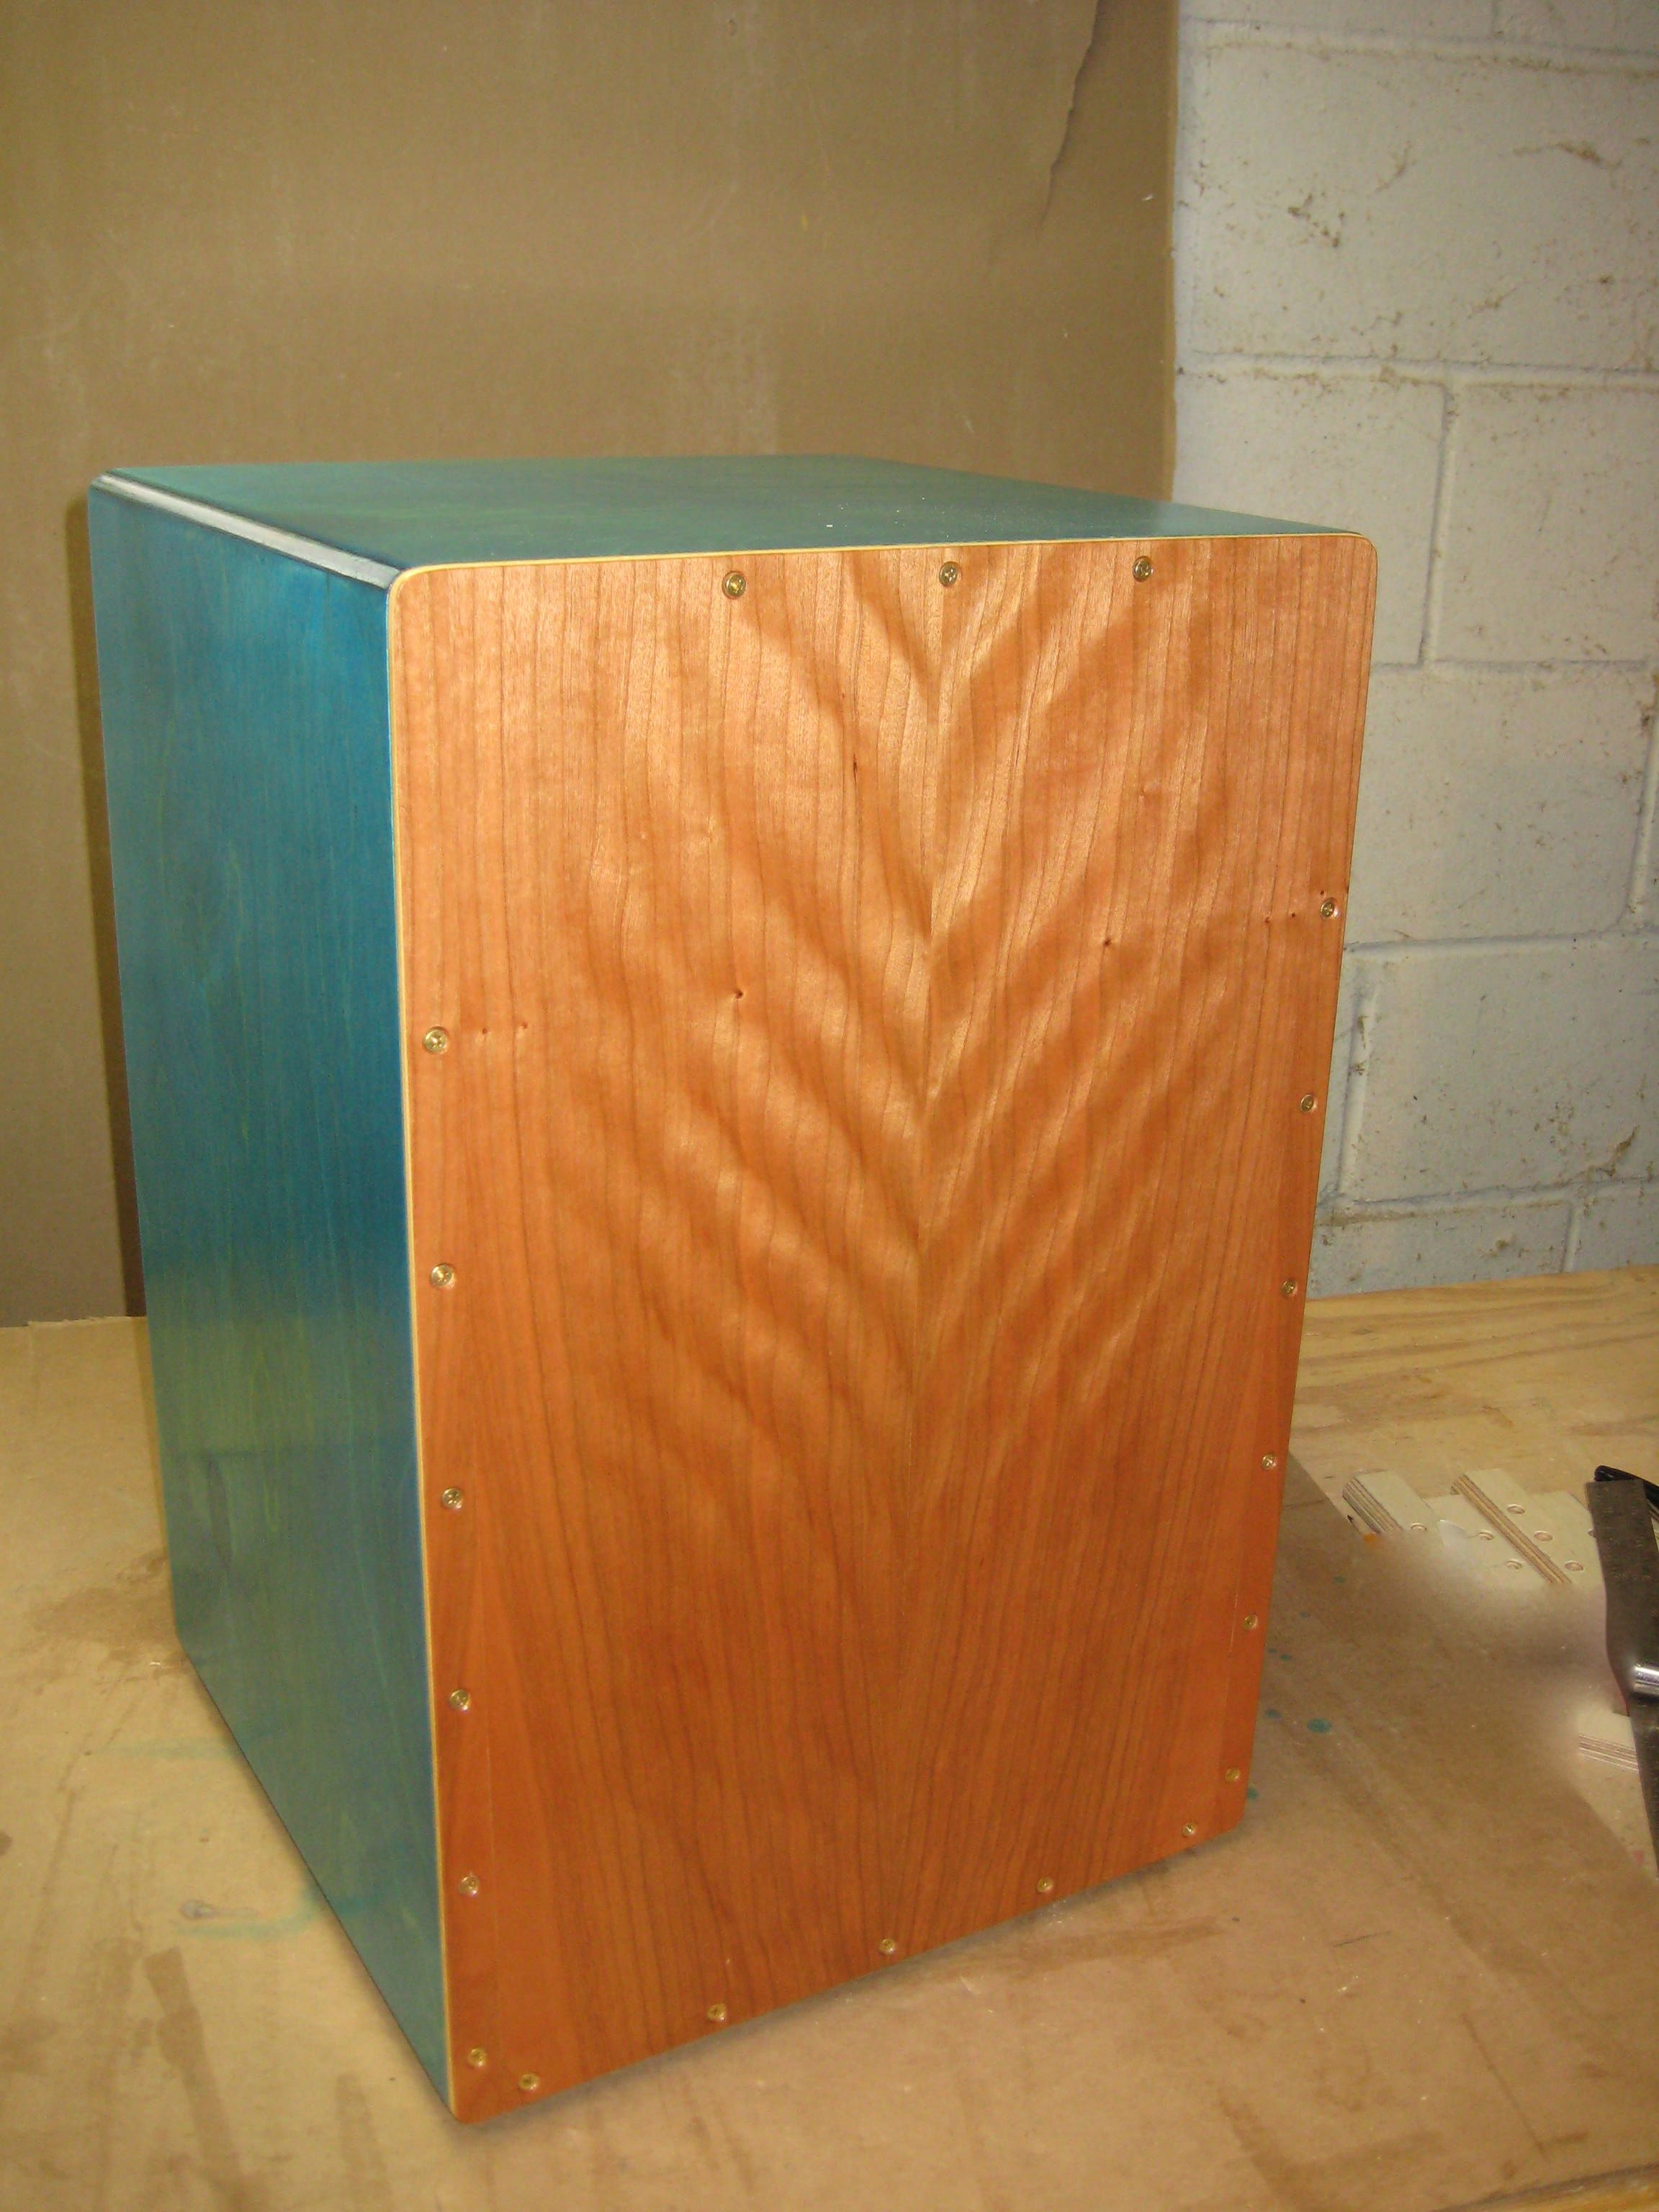 How To Build A Cajon Drum Cajon Drum Plans Wwgoa Cajon Drum Diy Drums Cajon Drum Diy